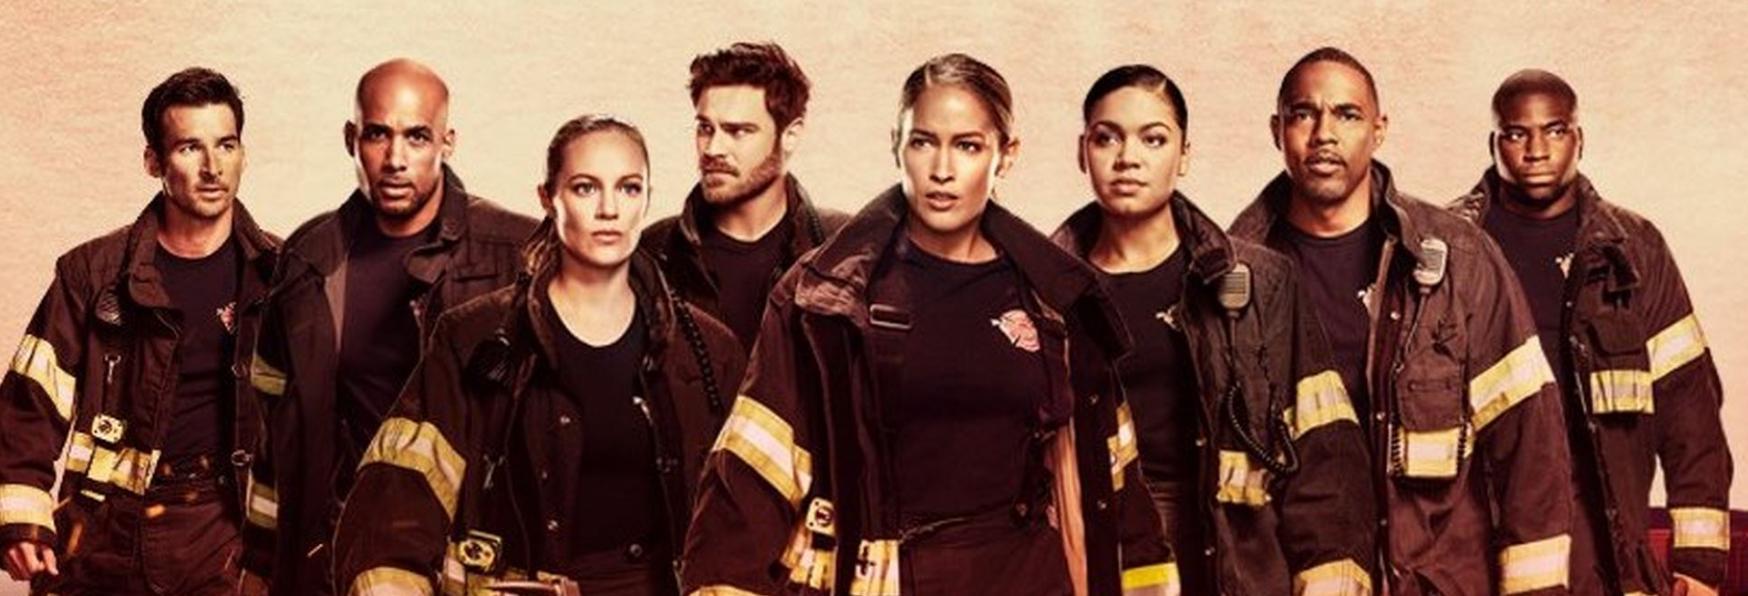 Station 19: Rinnovata per una 4° Stagione la Serie TV Spin-off di Grey's Anatomy